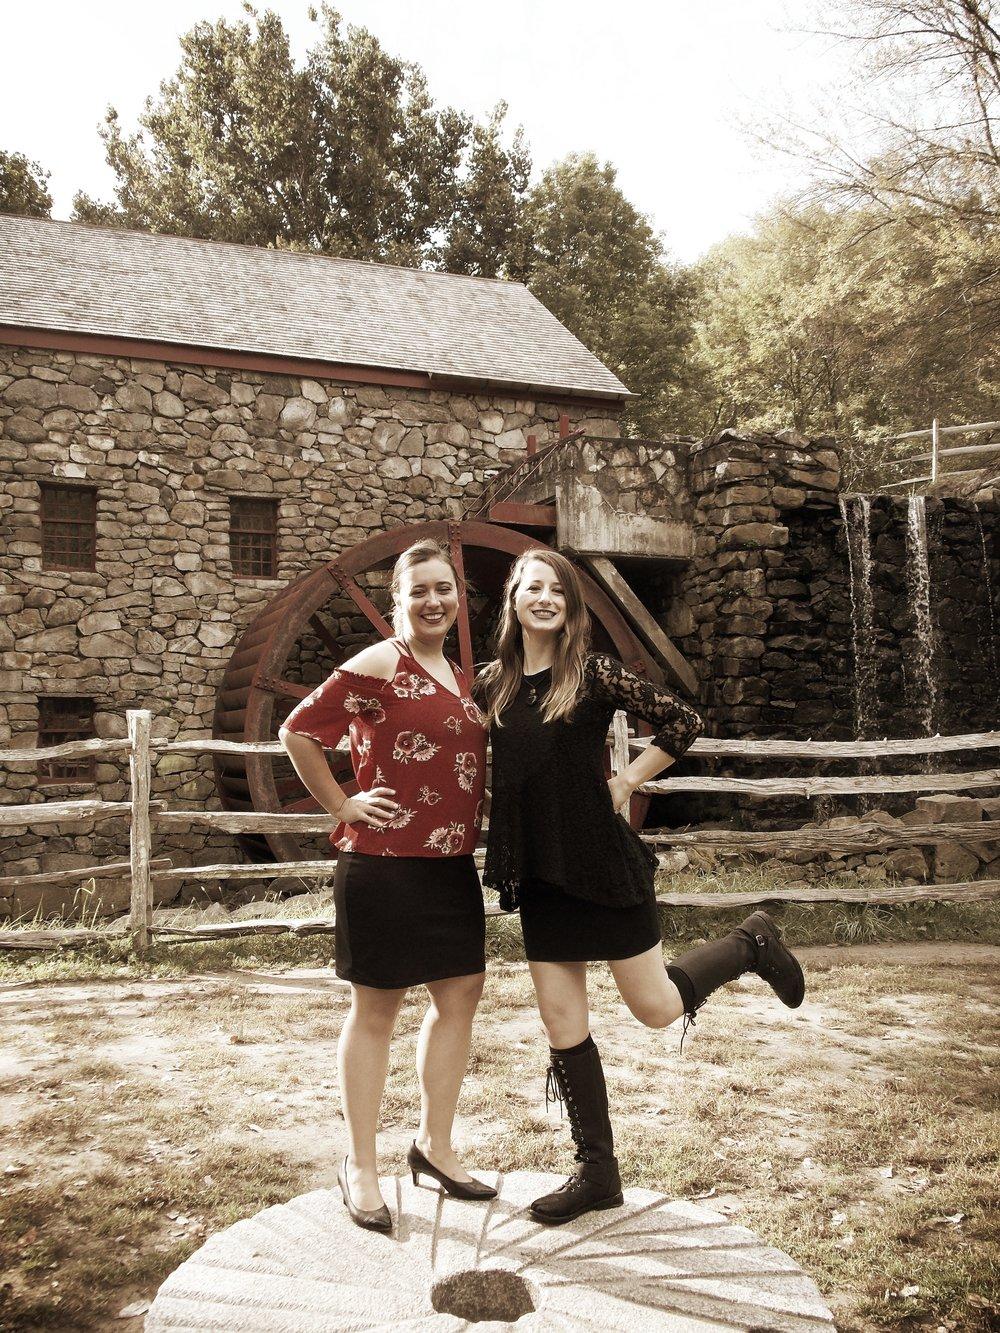 L-R: Sylvia DiCrescentis & Brittany Stockwell of Indigo Heart & the BVQ